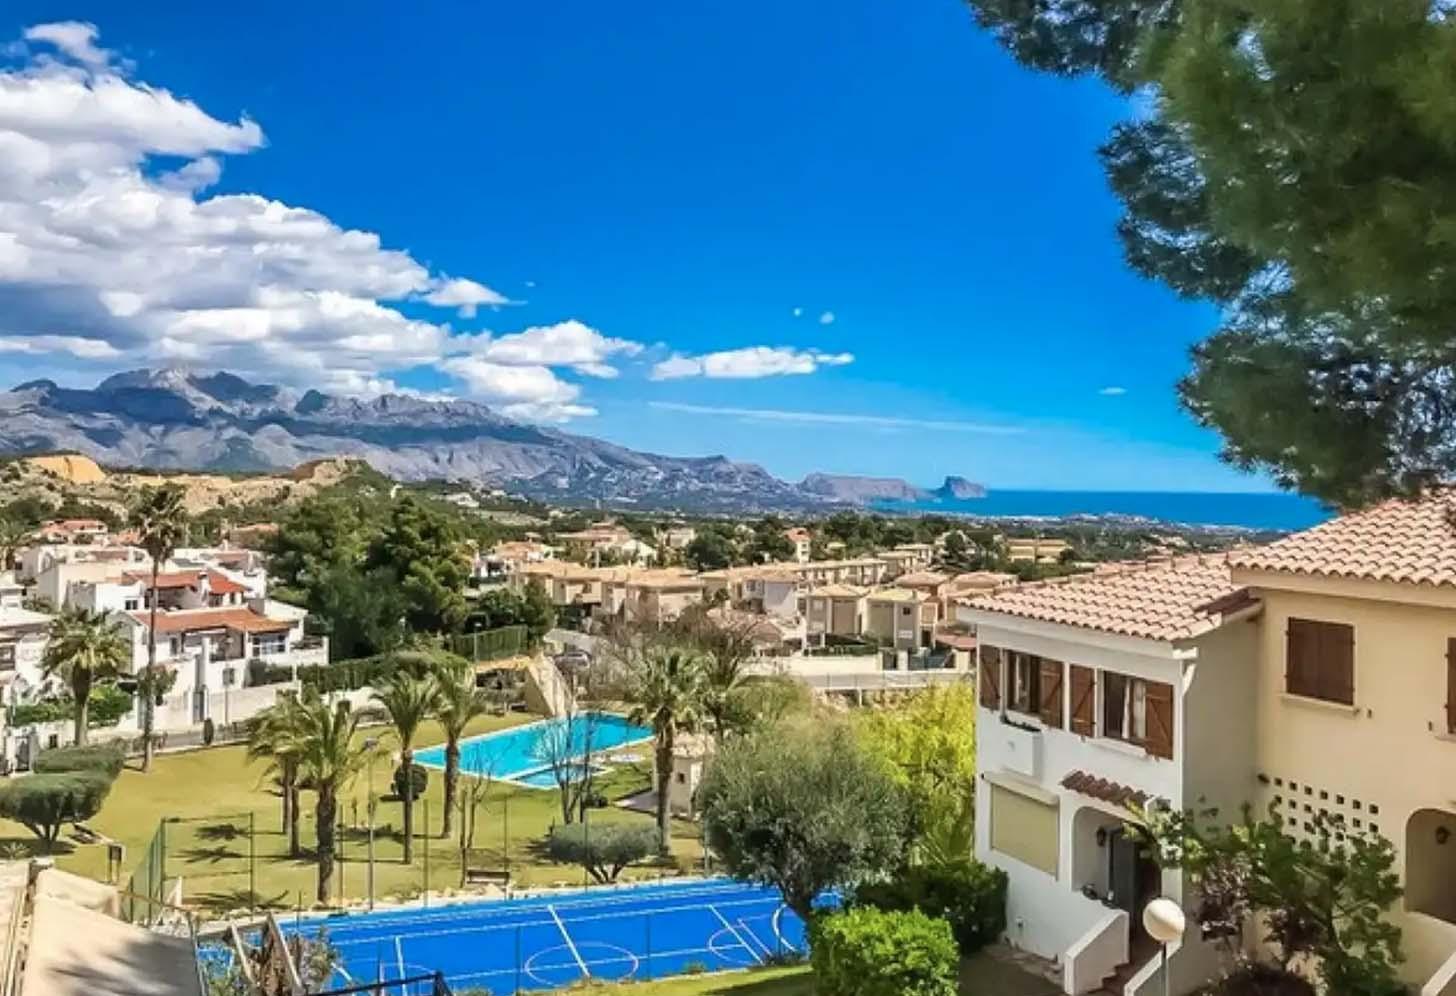 immobilier acheter une maison lanucia 001 d1 vue mer montagne